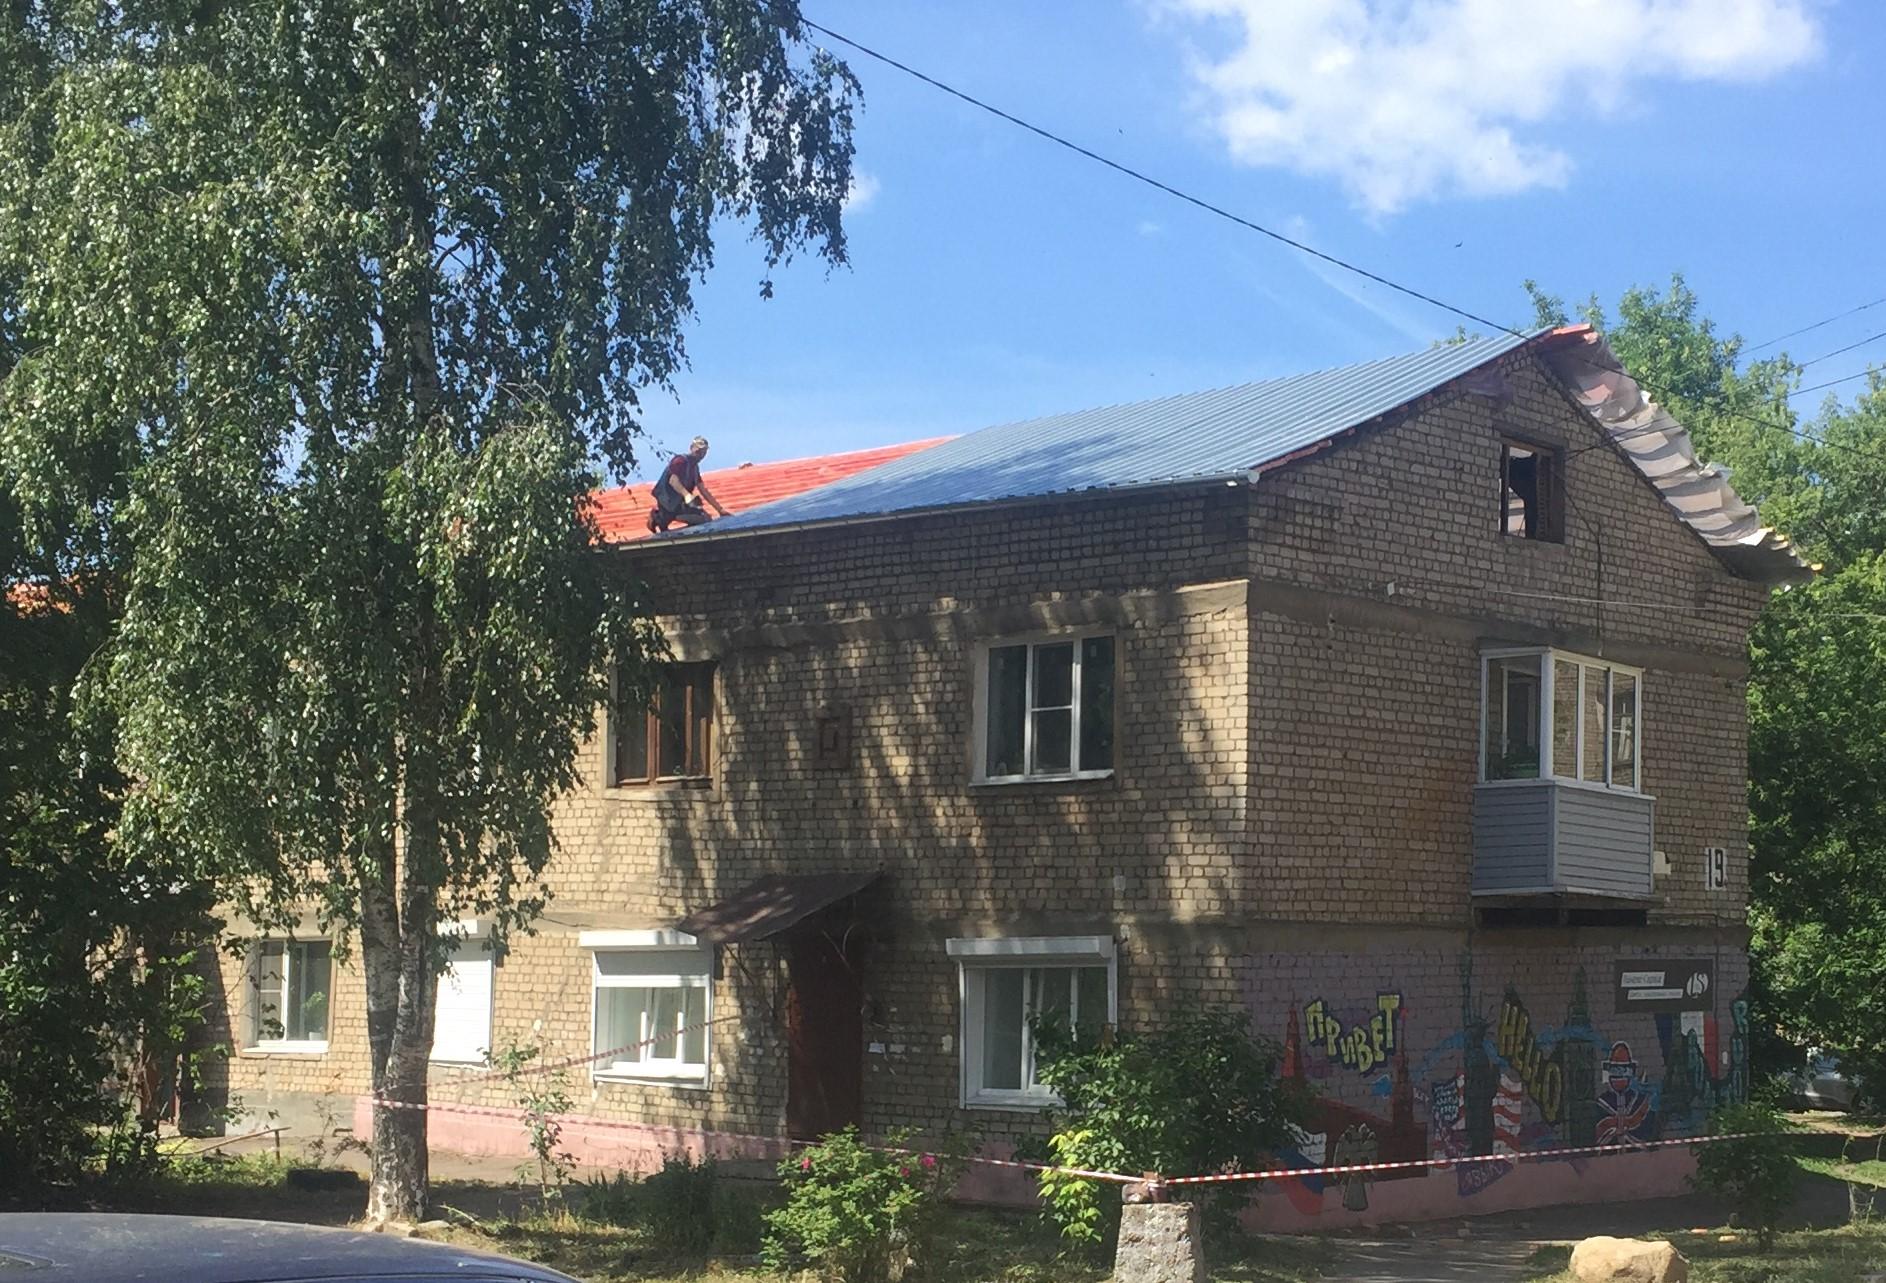 350 миллионов рублей выделили на капремонт в Рыбинске: на что потратят